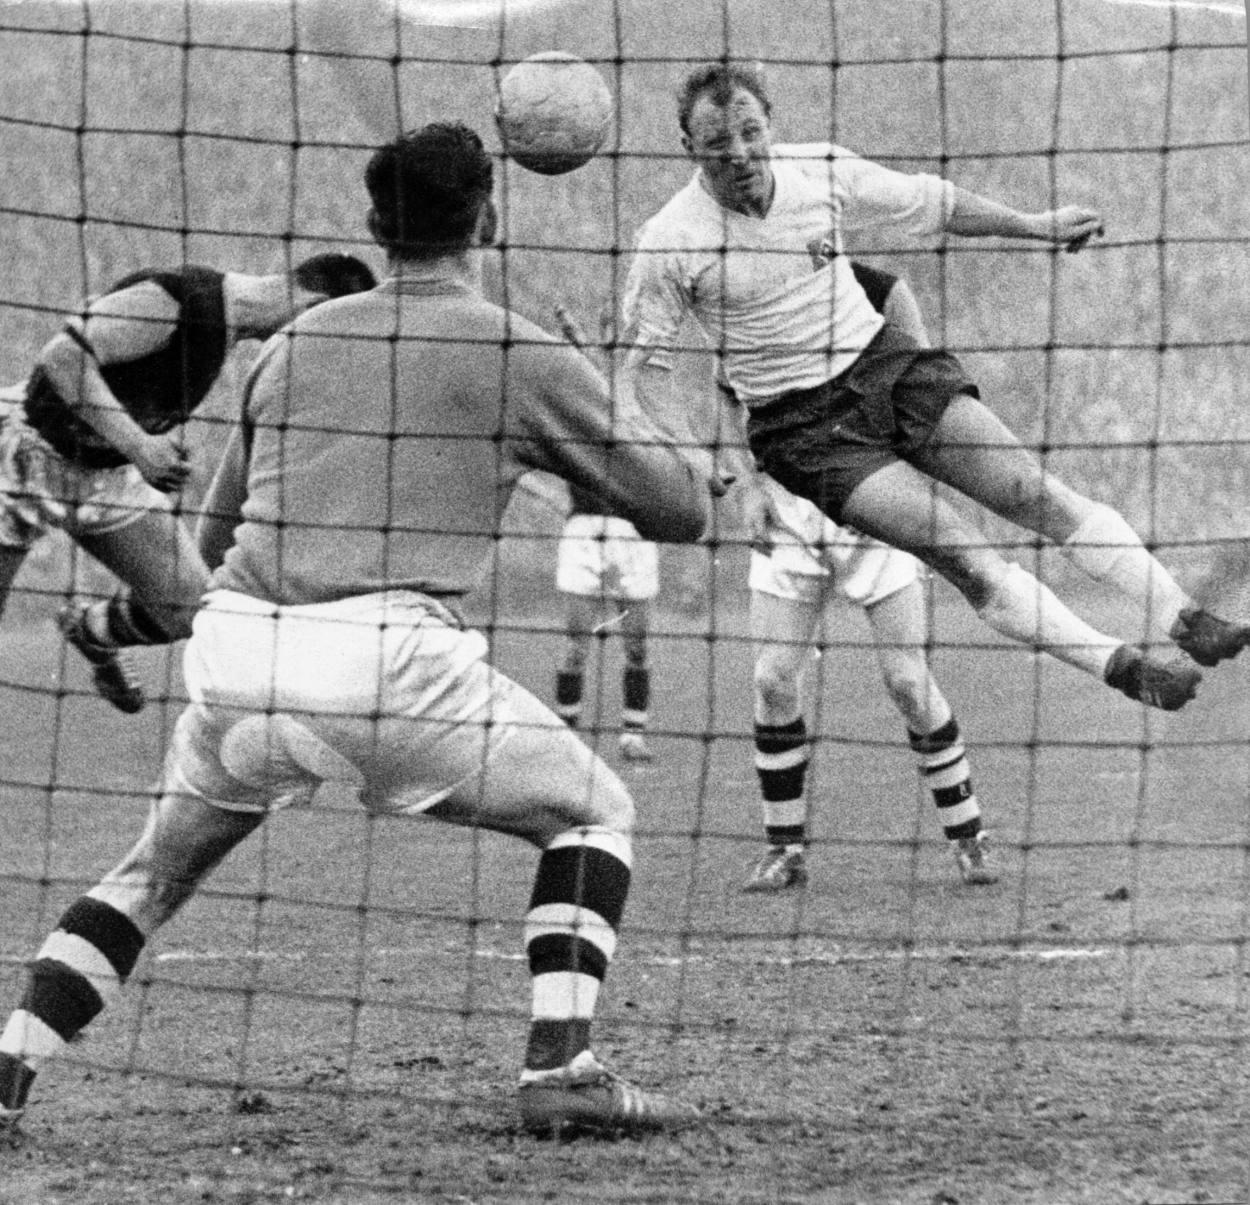 Uwe Seeler war ein formidabler Kopfballspieler.